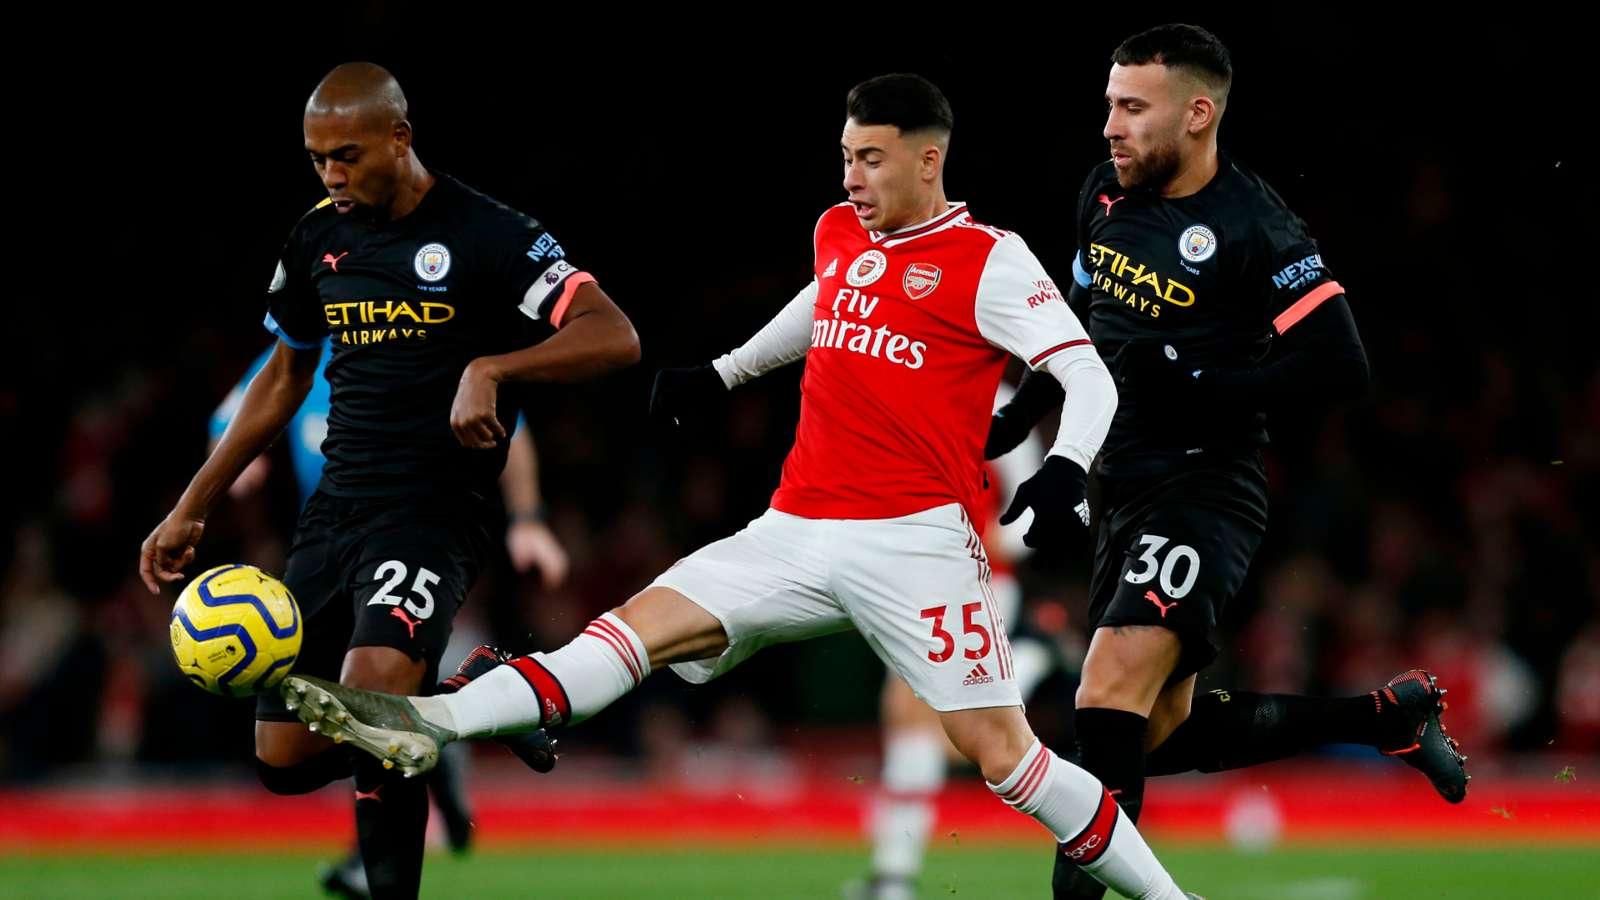 RESMI: Partai Tunda Manchester City Versus Arsenal akan Diadakan 12 Maret 2020